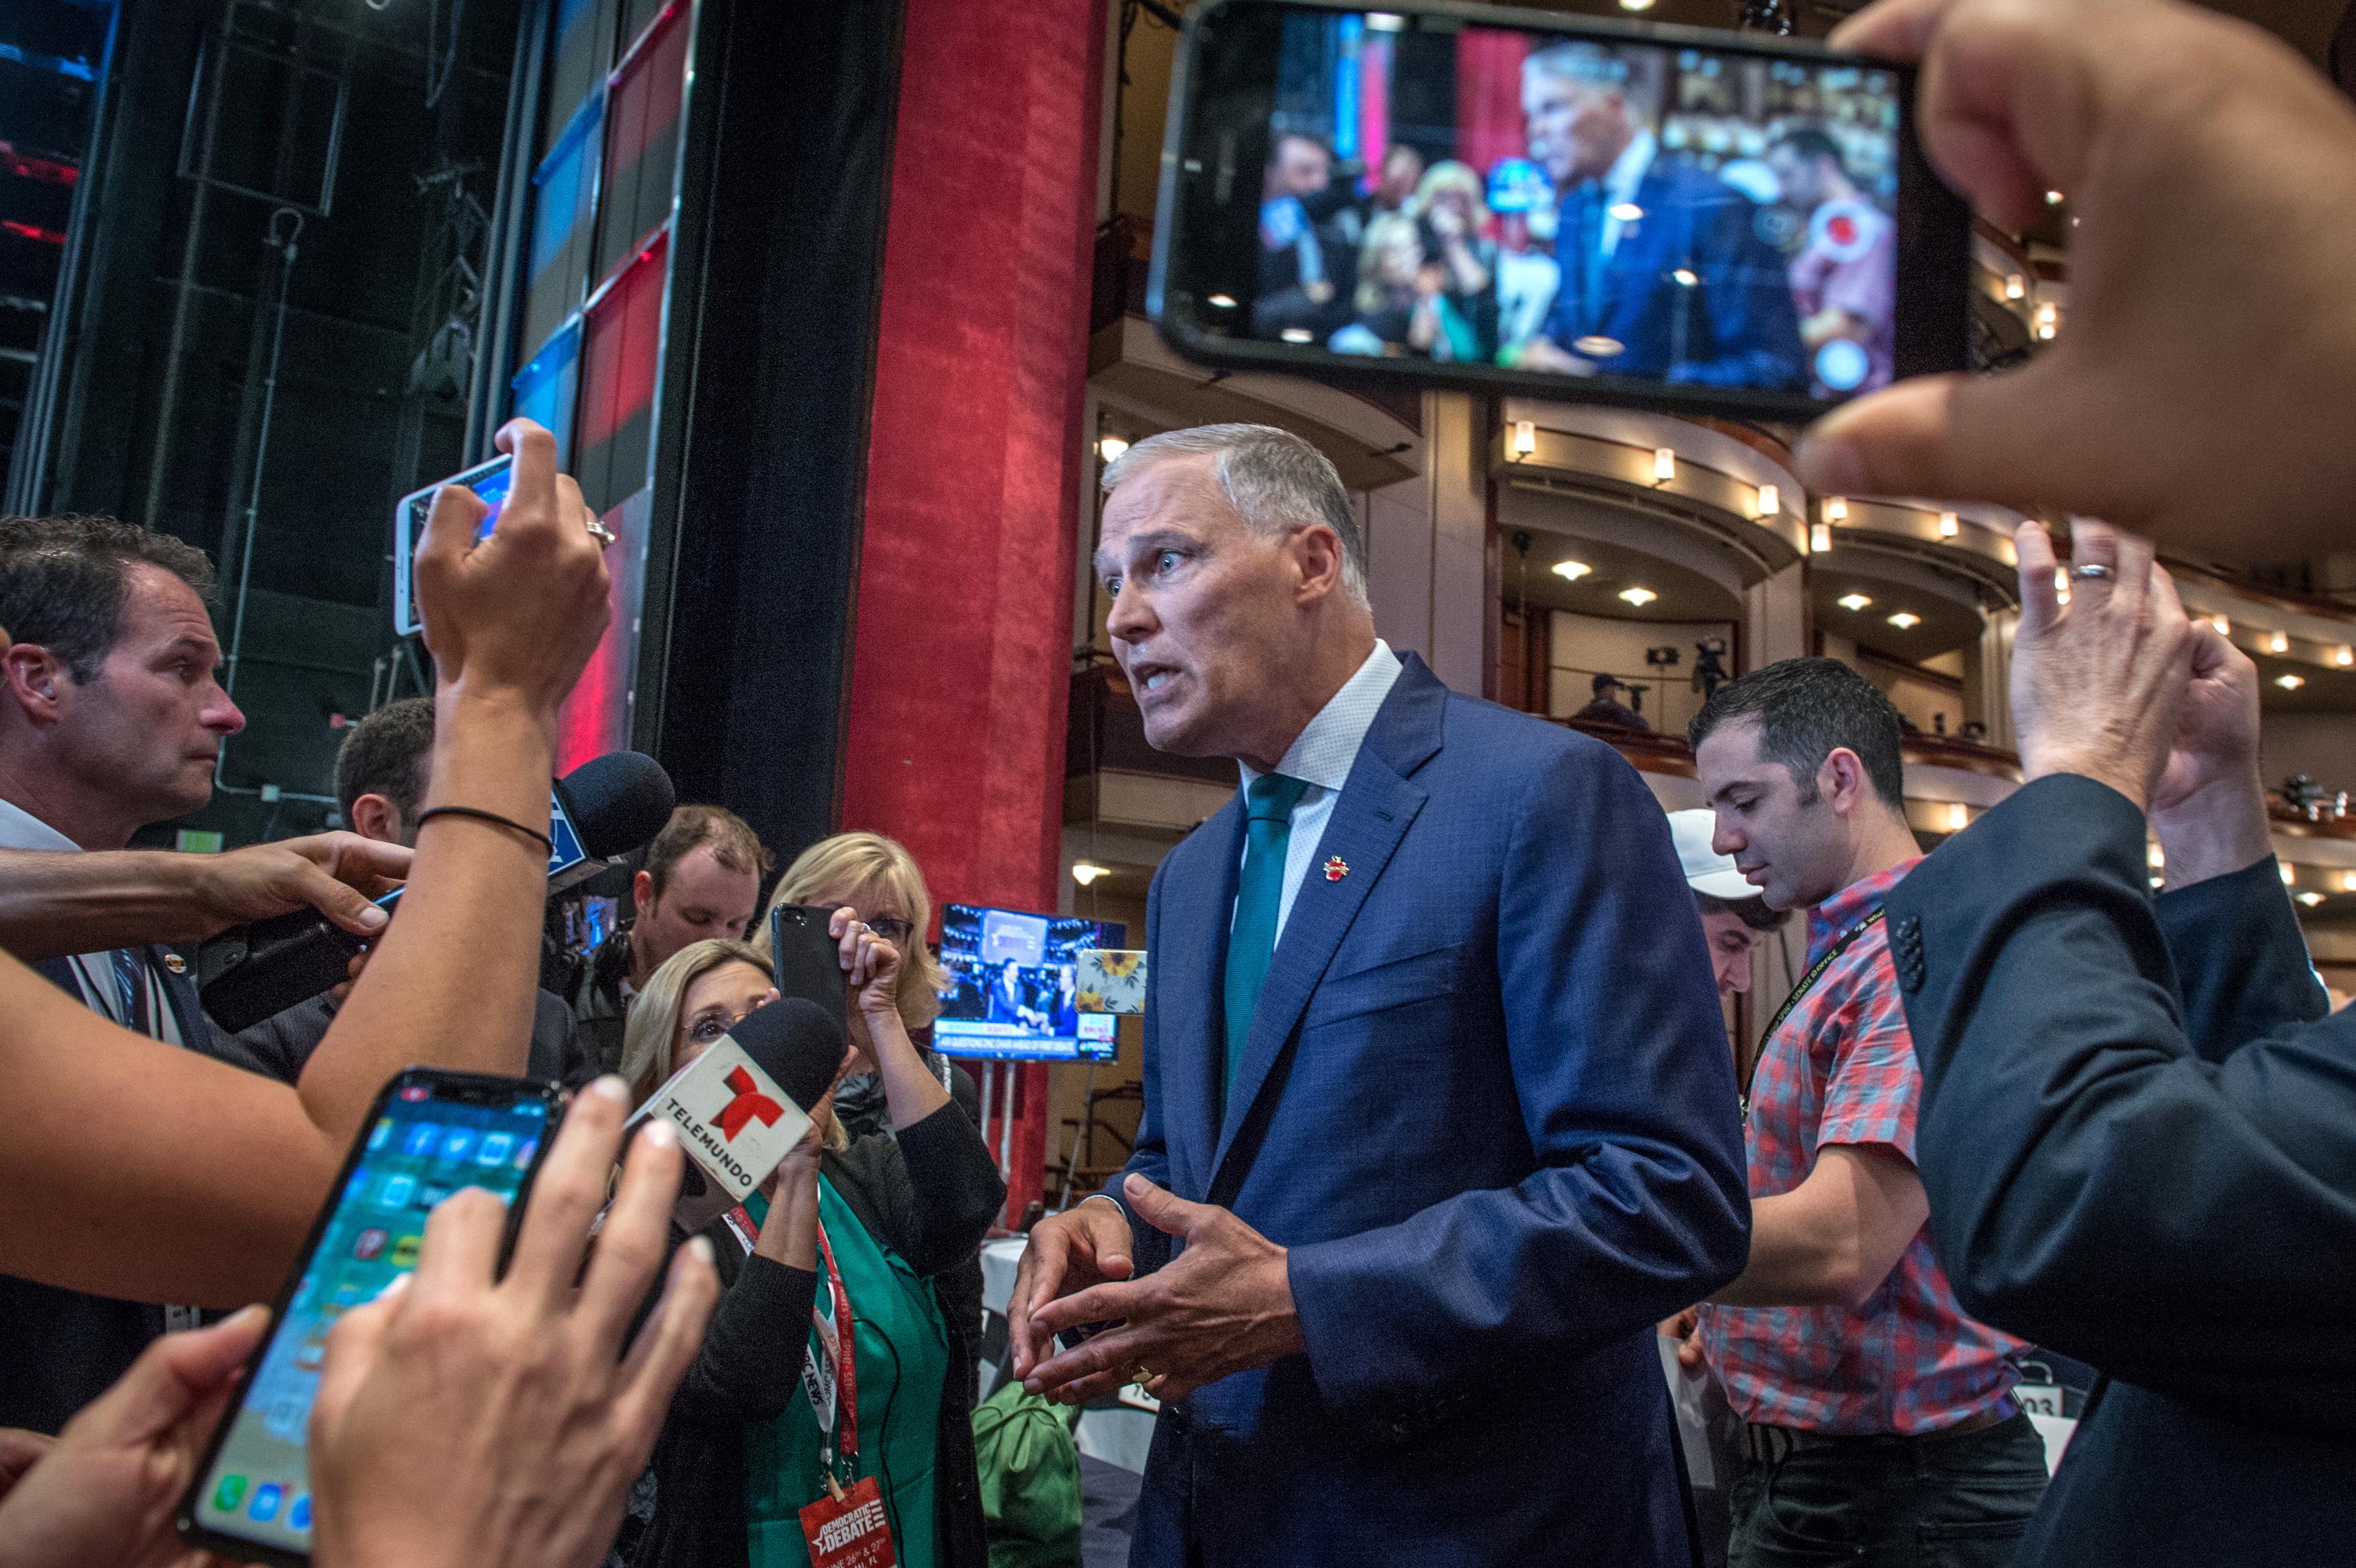 Jay Inslee, Governador de Washington, é o terceiro democrata a abandonar corrida presidencial nos EUA